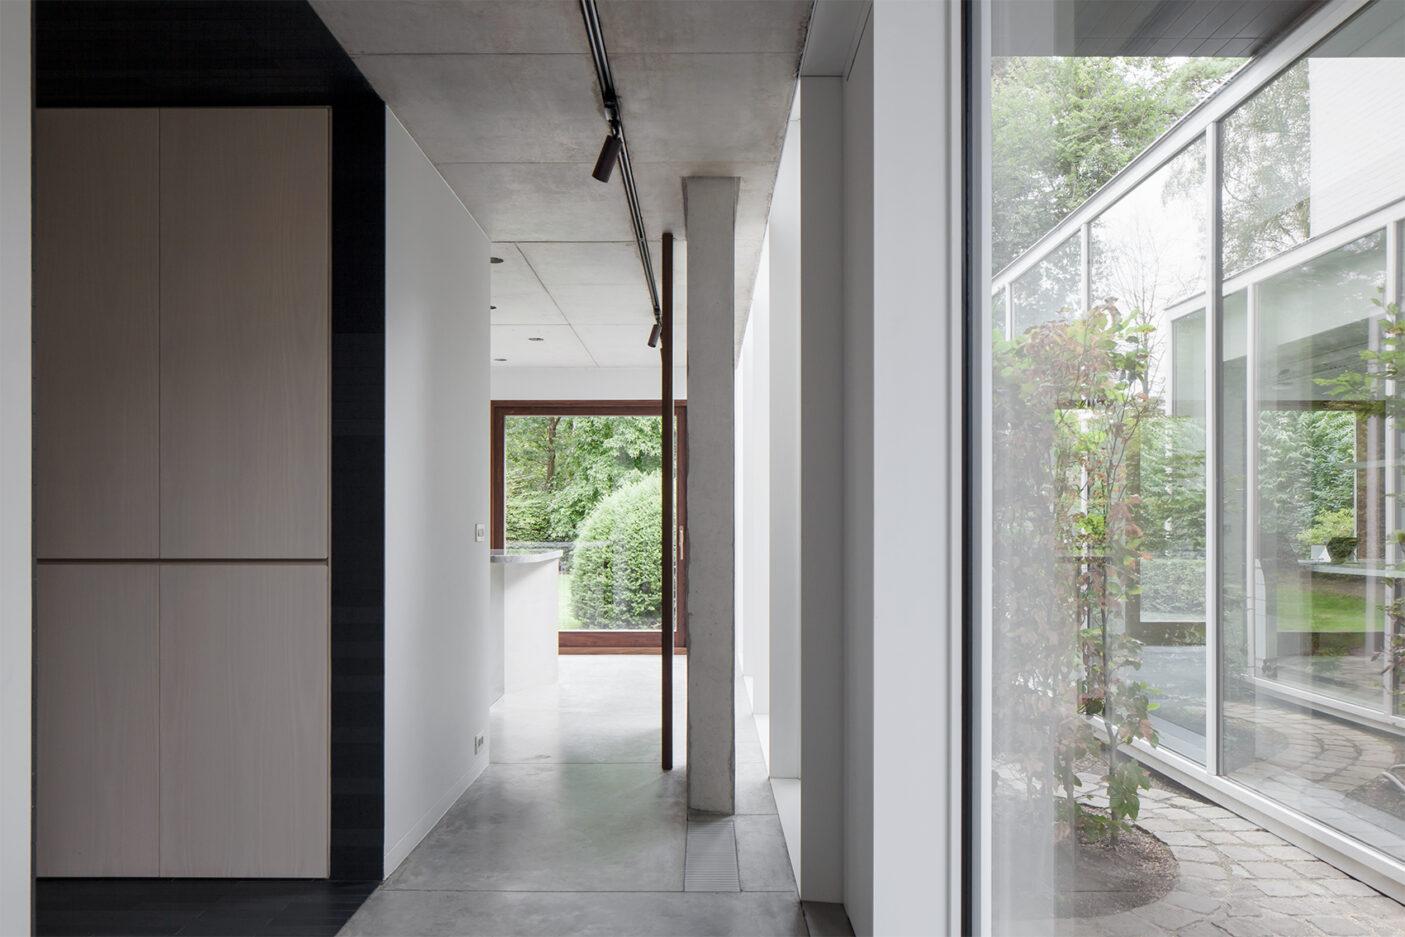 House-For-LD-28.jpg